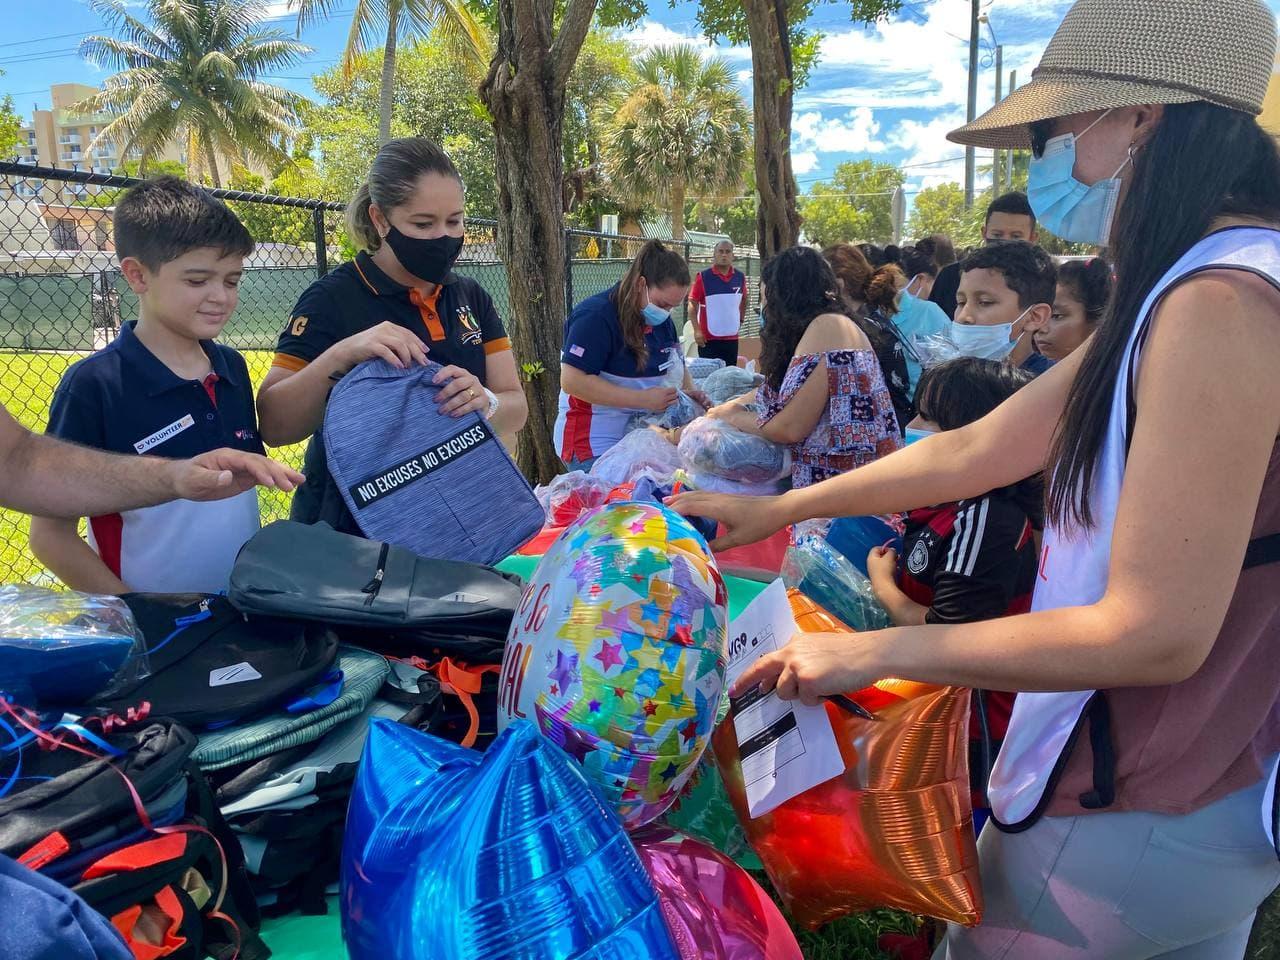 Projeto Unisocial atende comunidade carente em North Miami Beach